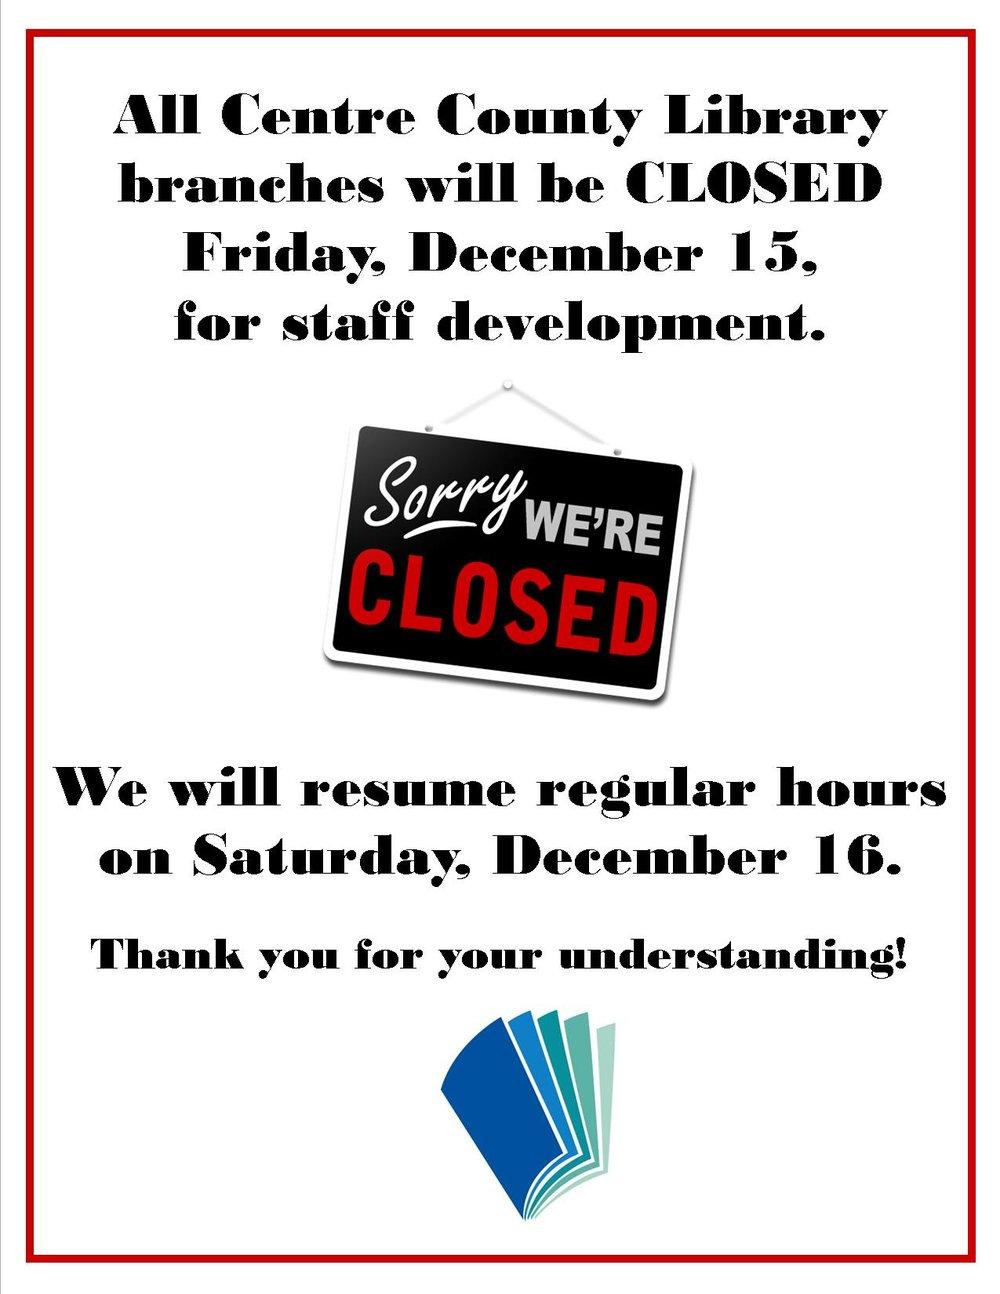 closed sign december 15.jpg